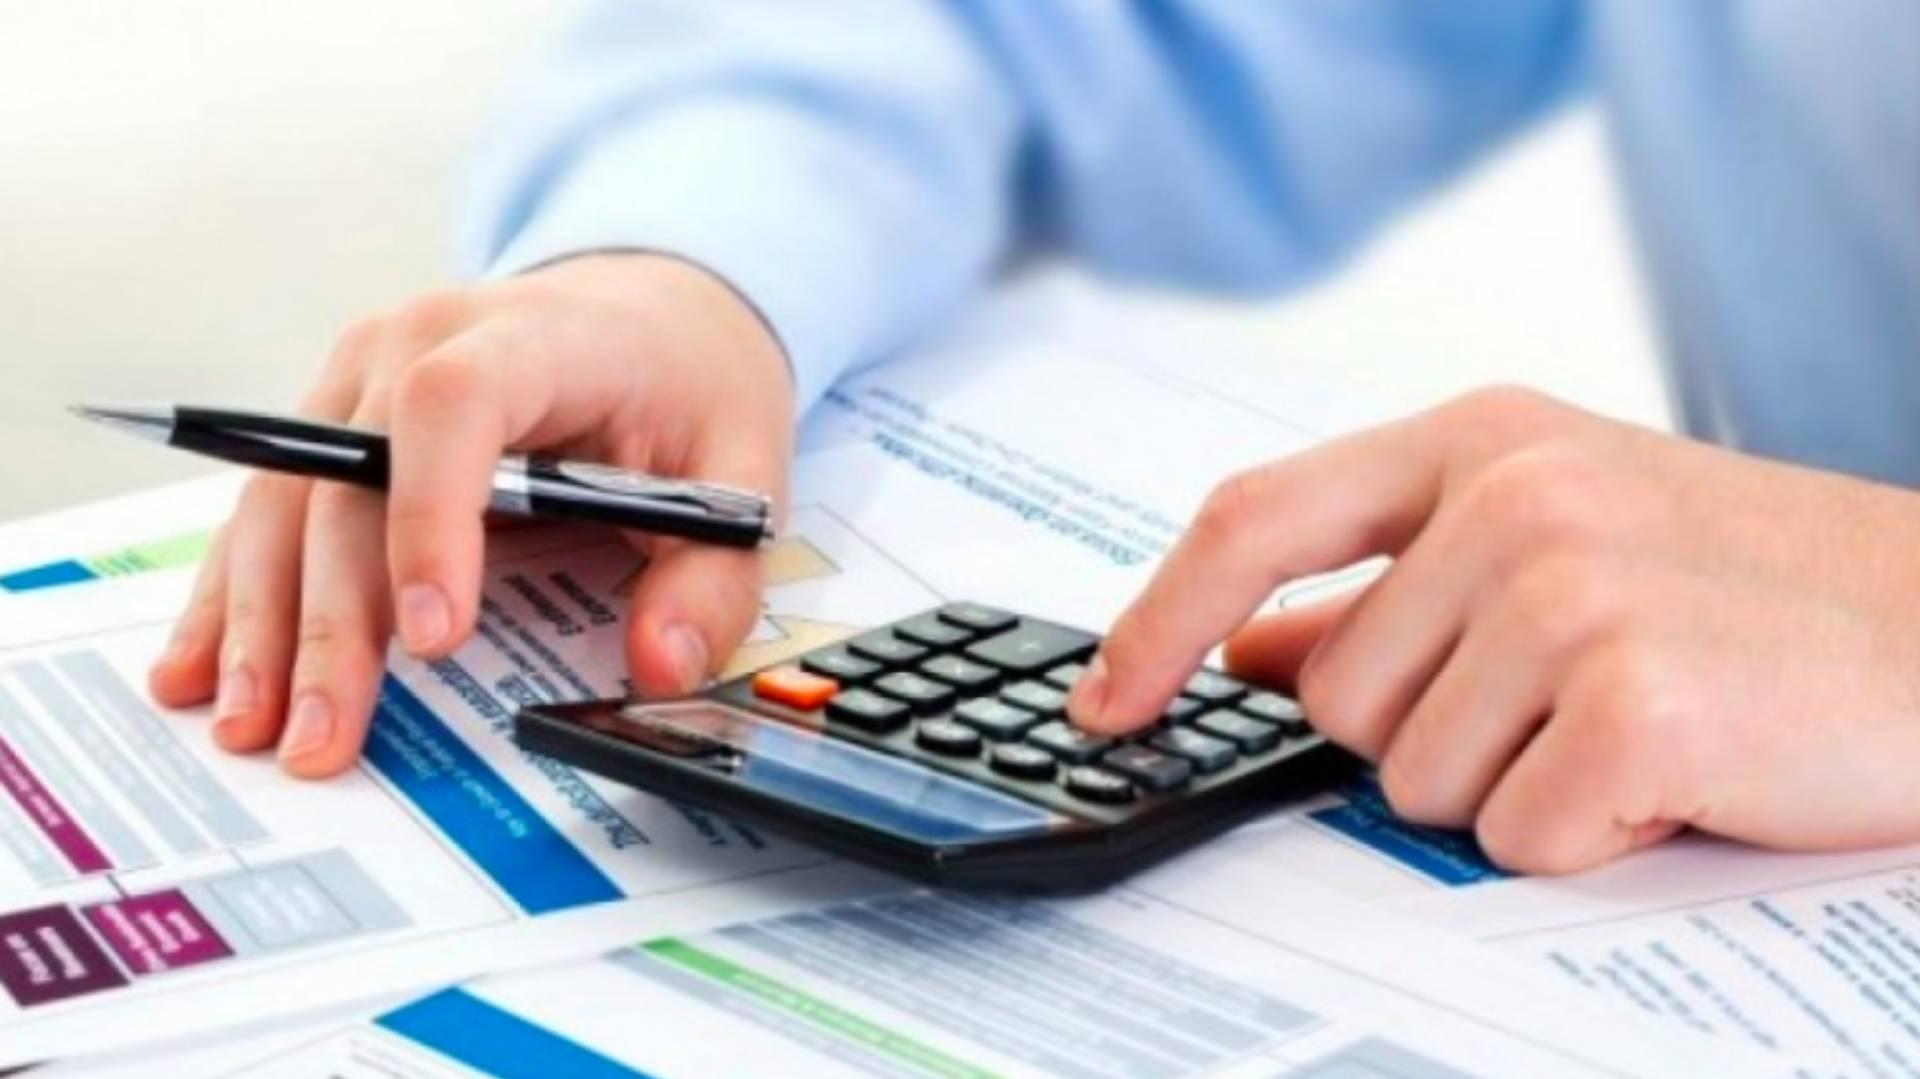 Los contadores volverán a hacer dos balances, el contable, con su nominalidad a valor reales, y el impositivo, ajustable por inflación, con lo que serán equiparables en valores reales (Foto: archivo)